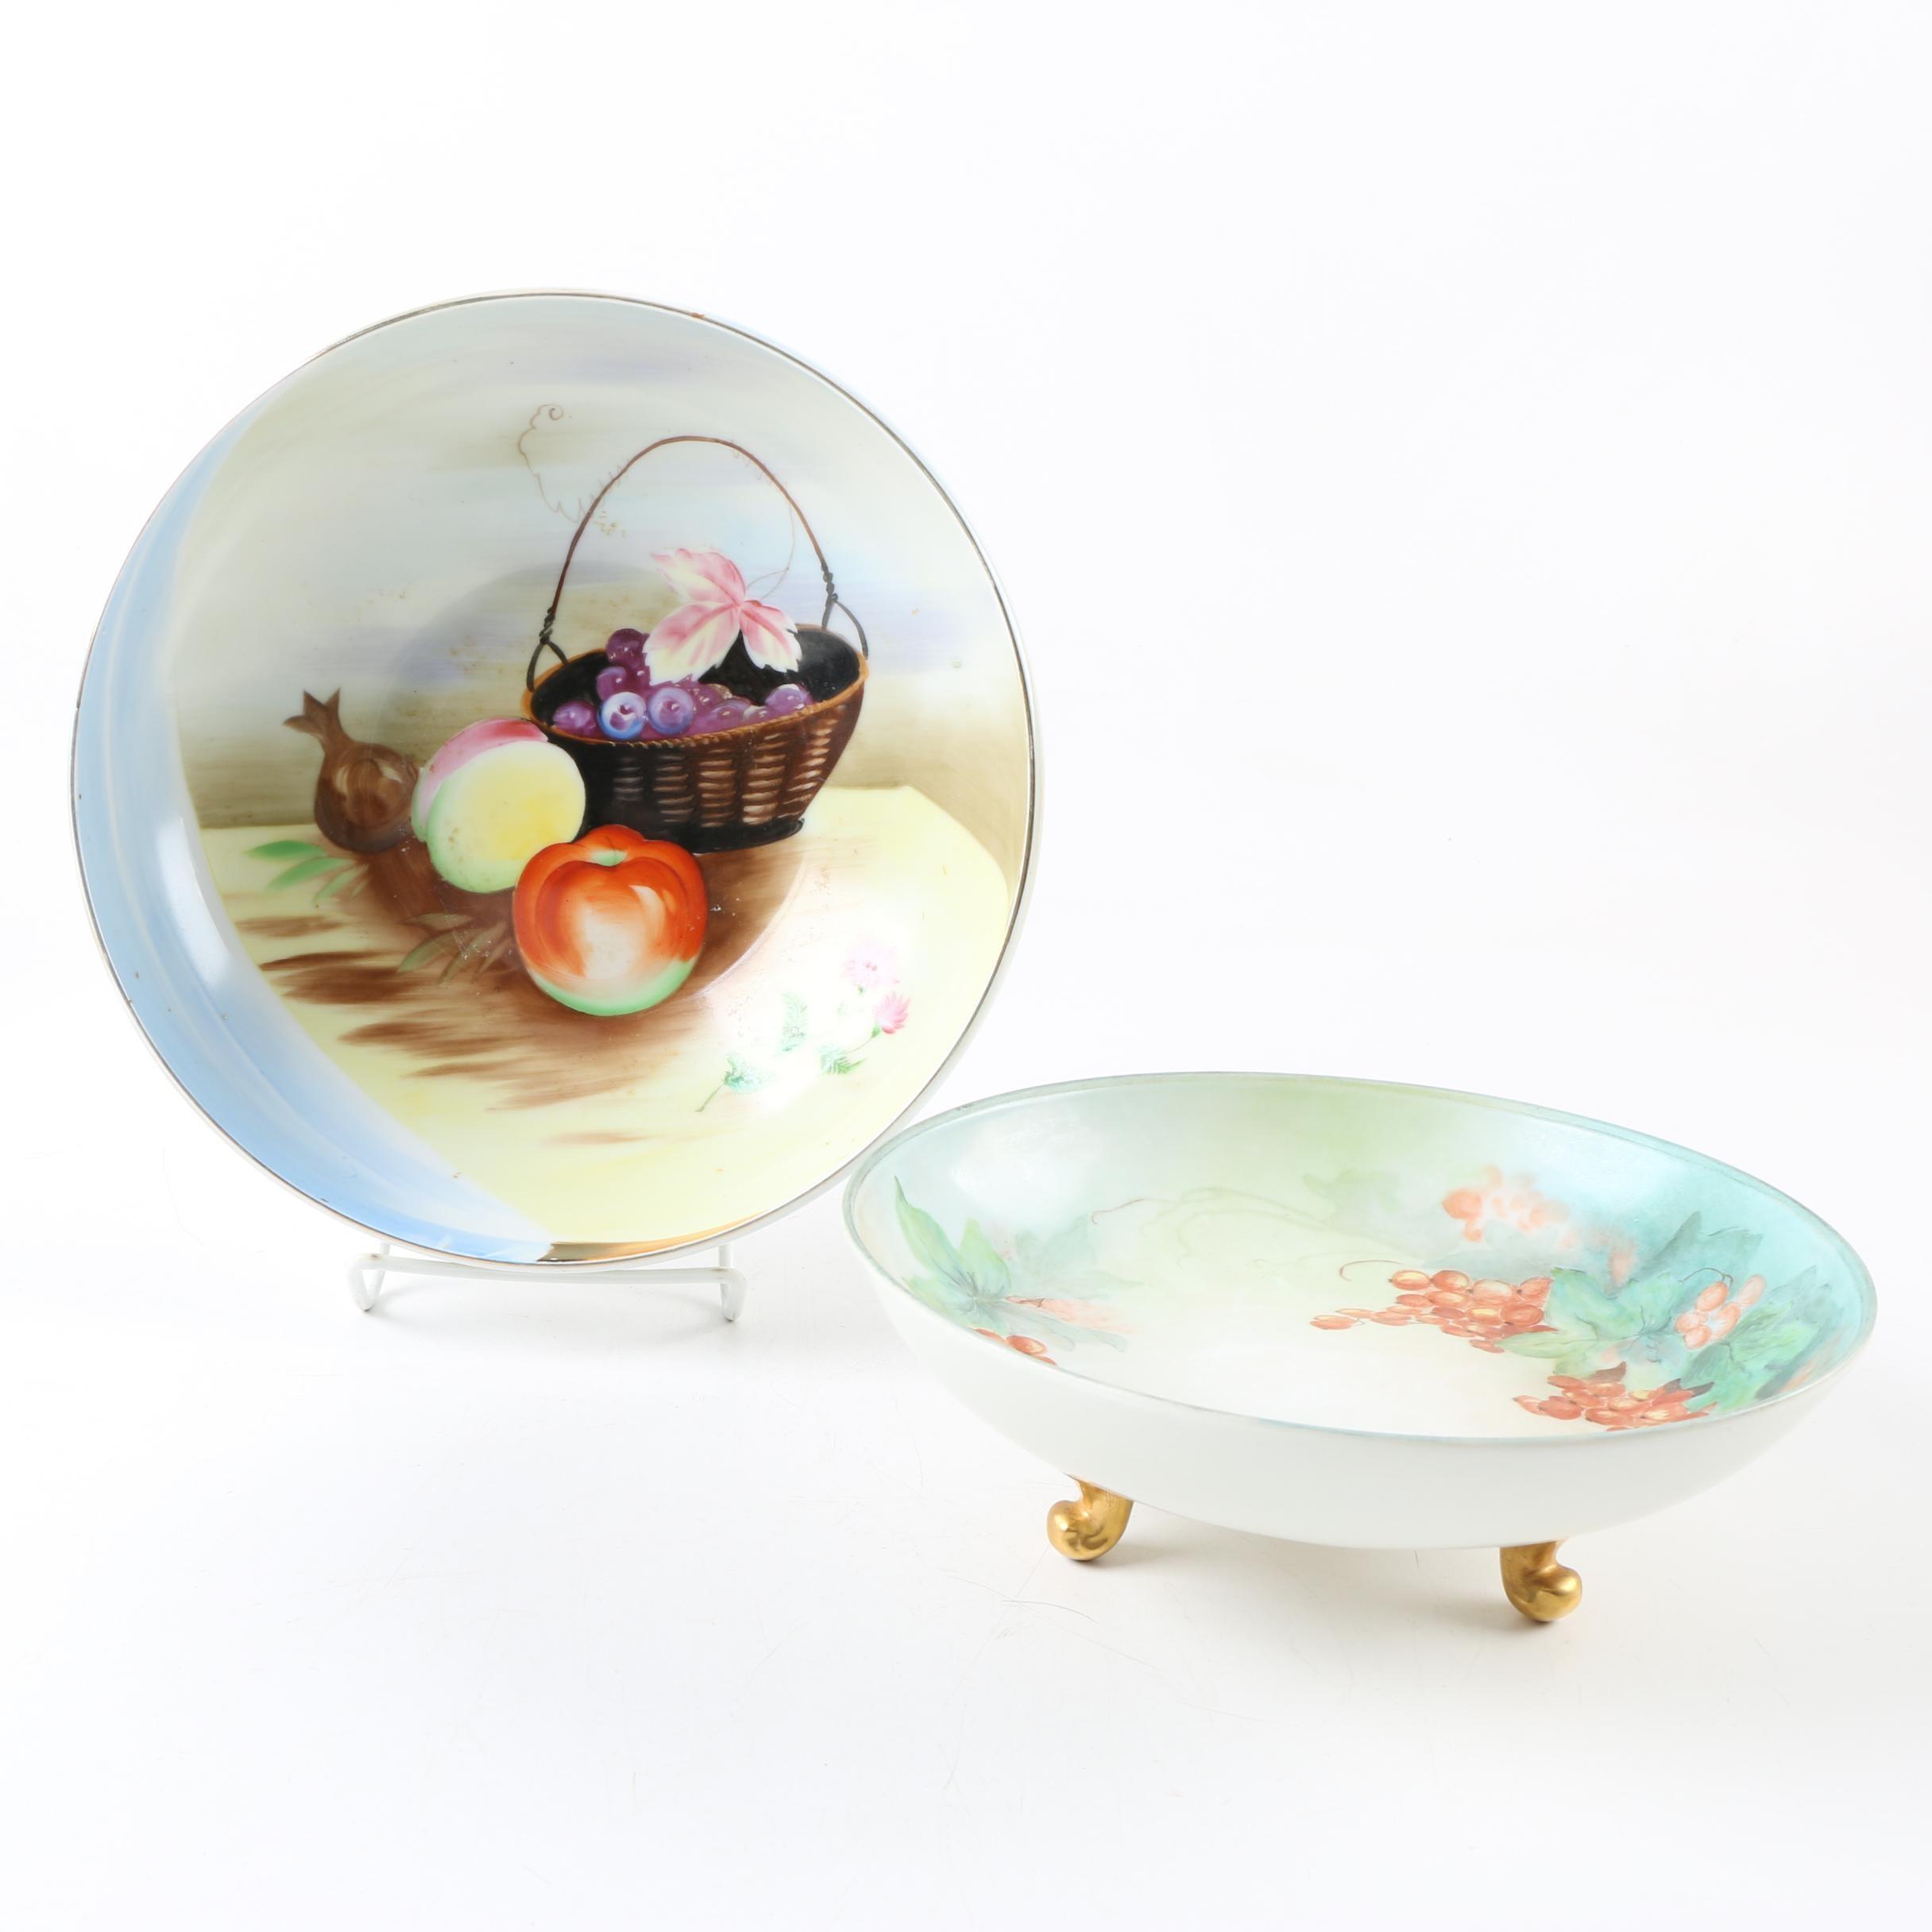 Antique Hobbyist Painted Porcelain Bowls